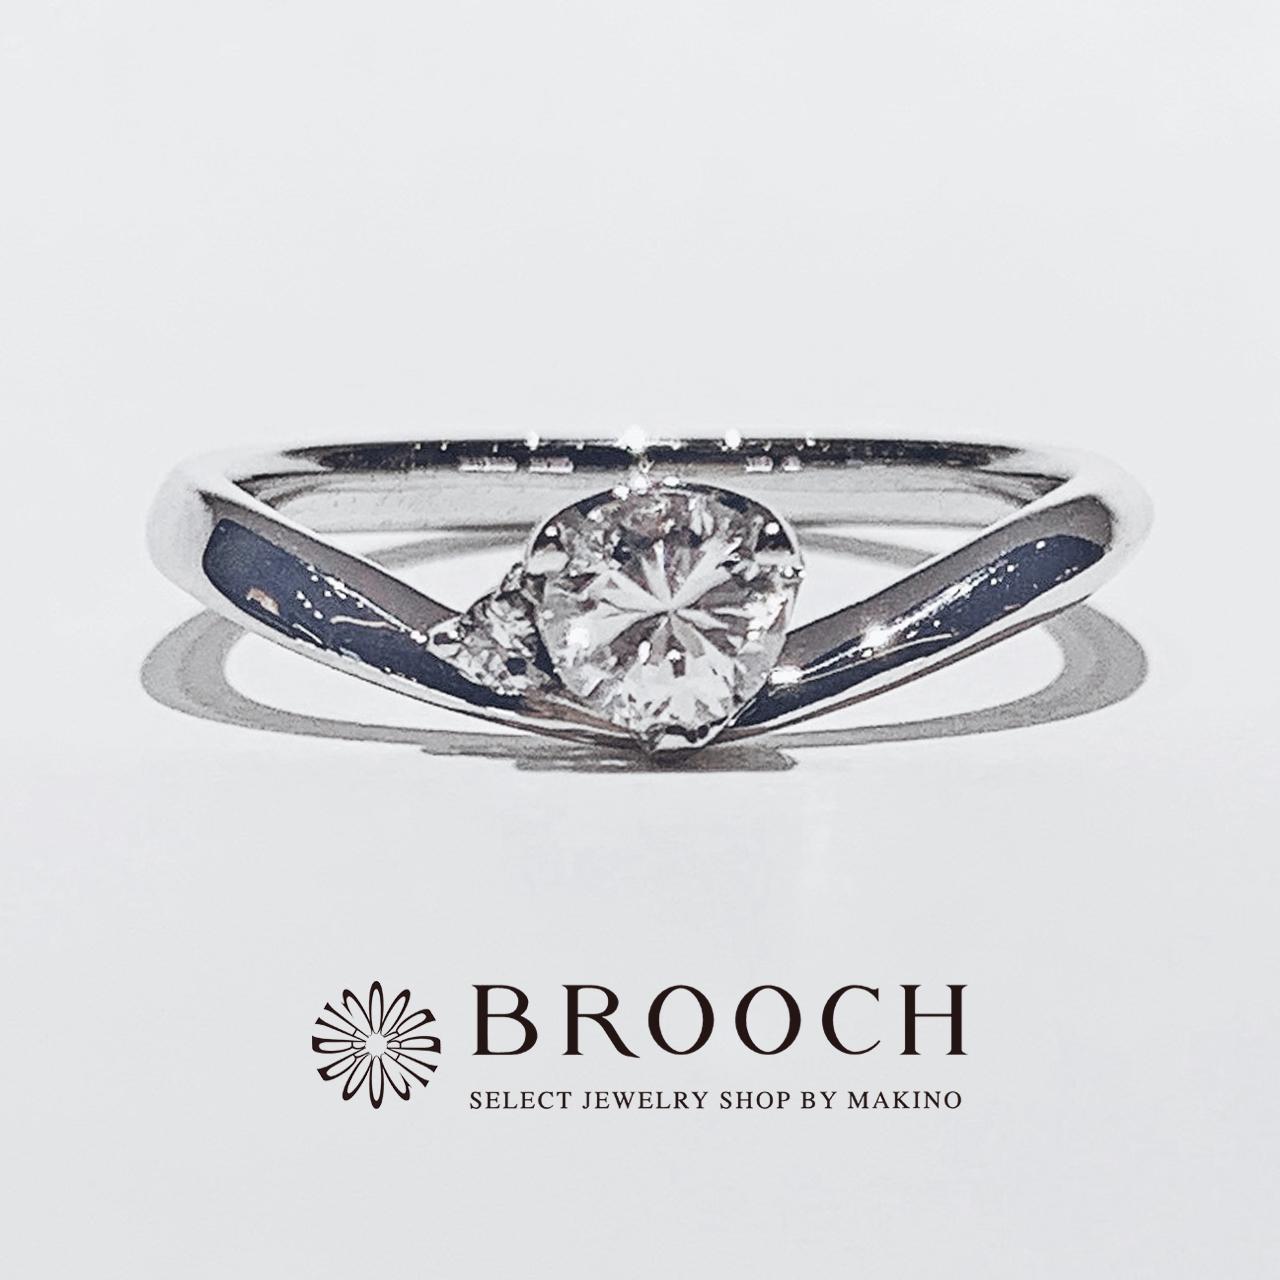 BROOCH 婚約指輪 エンゲージリング かわいい シンプルなV字デザイン